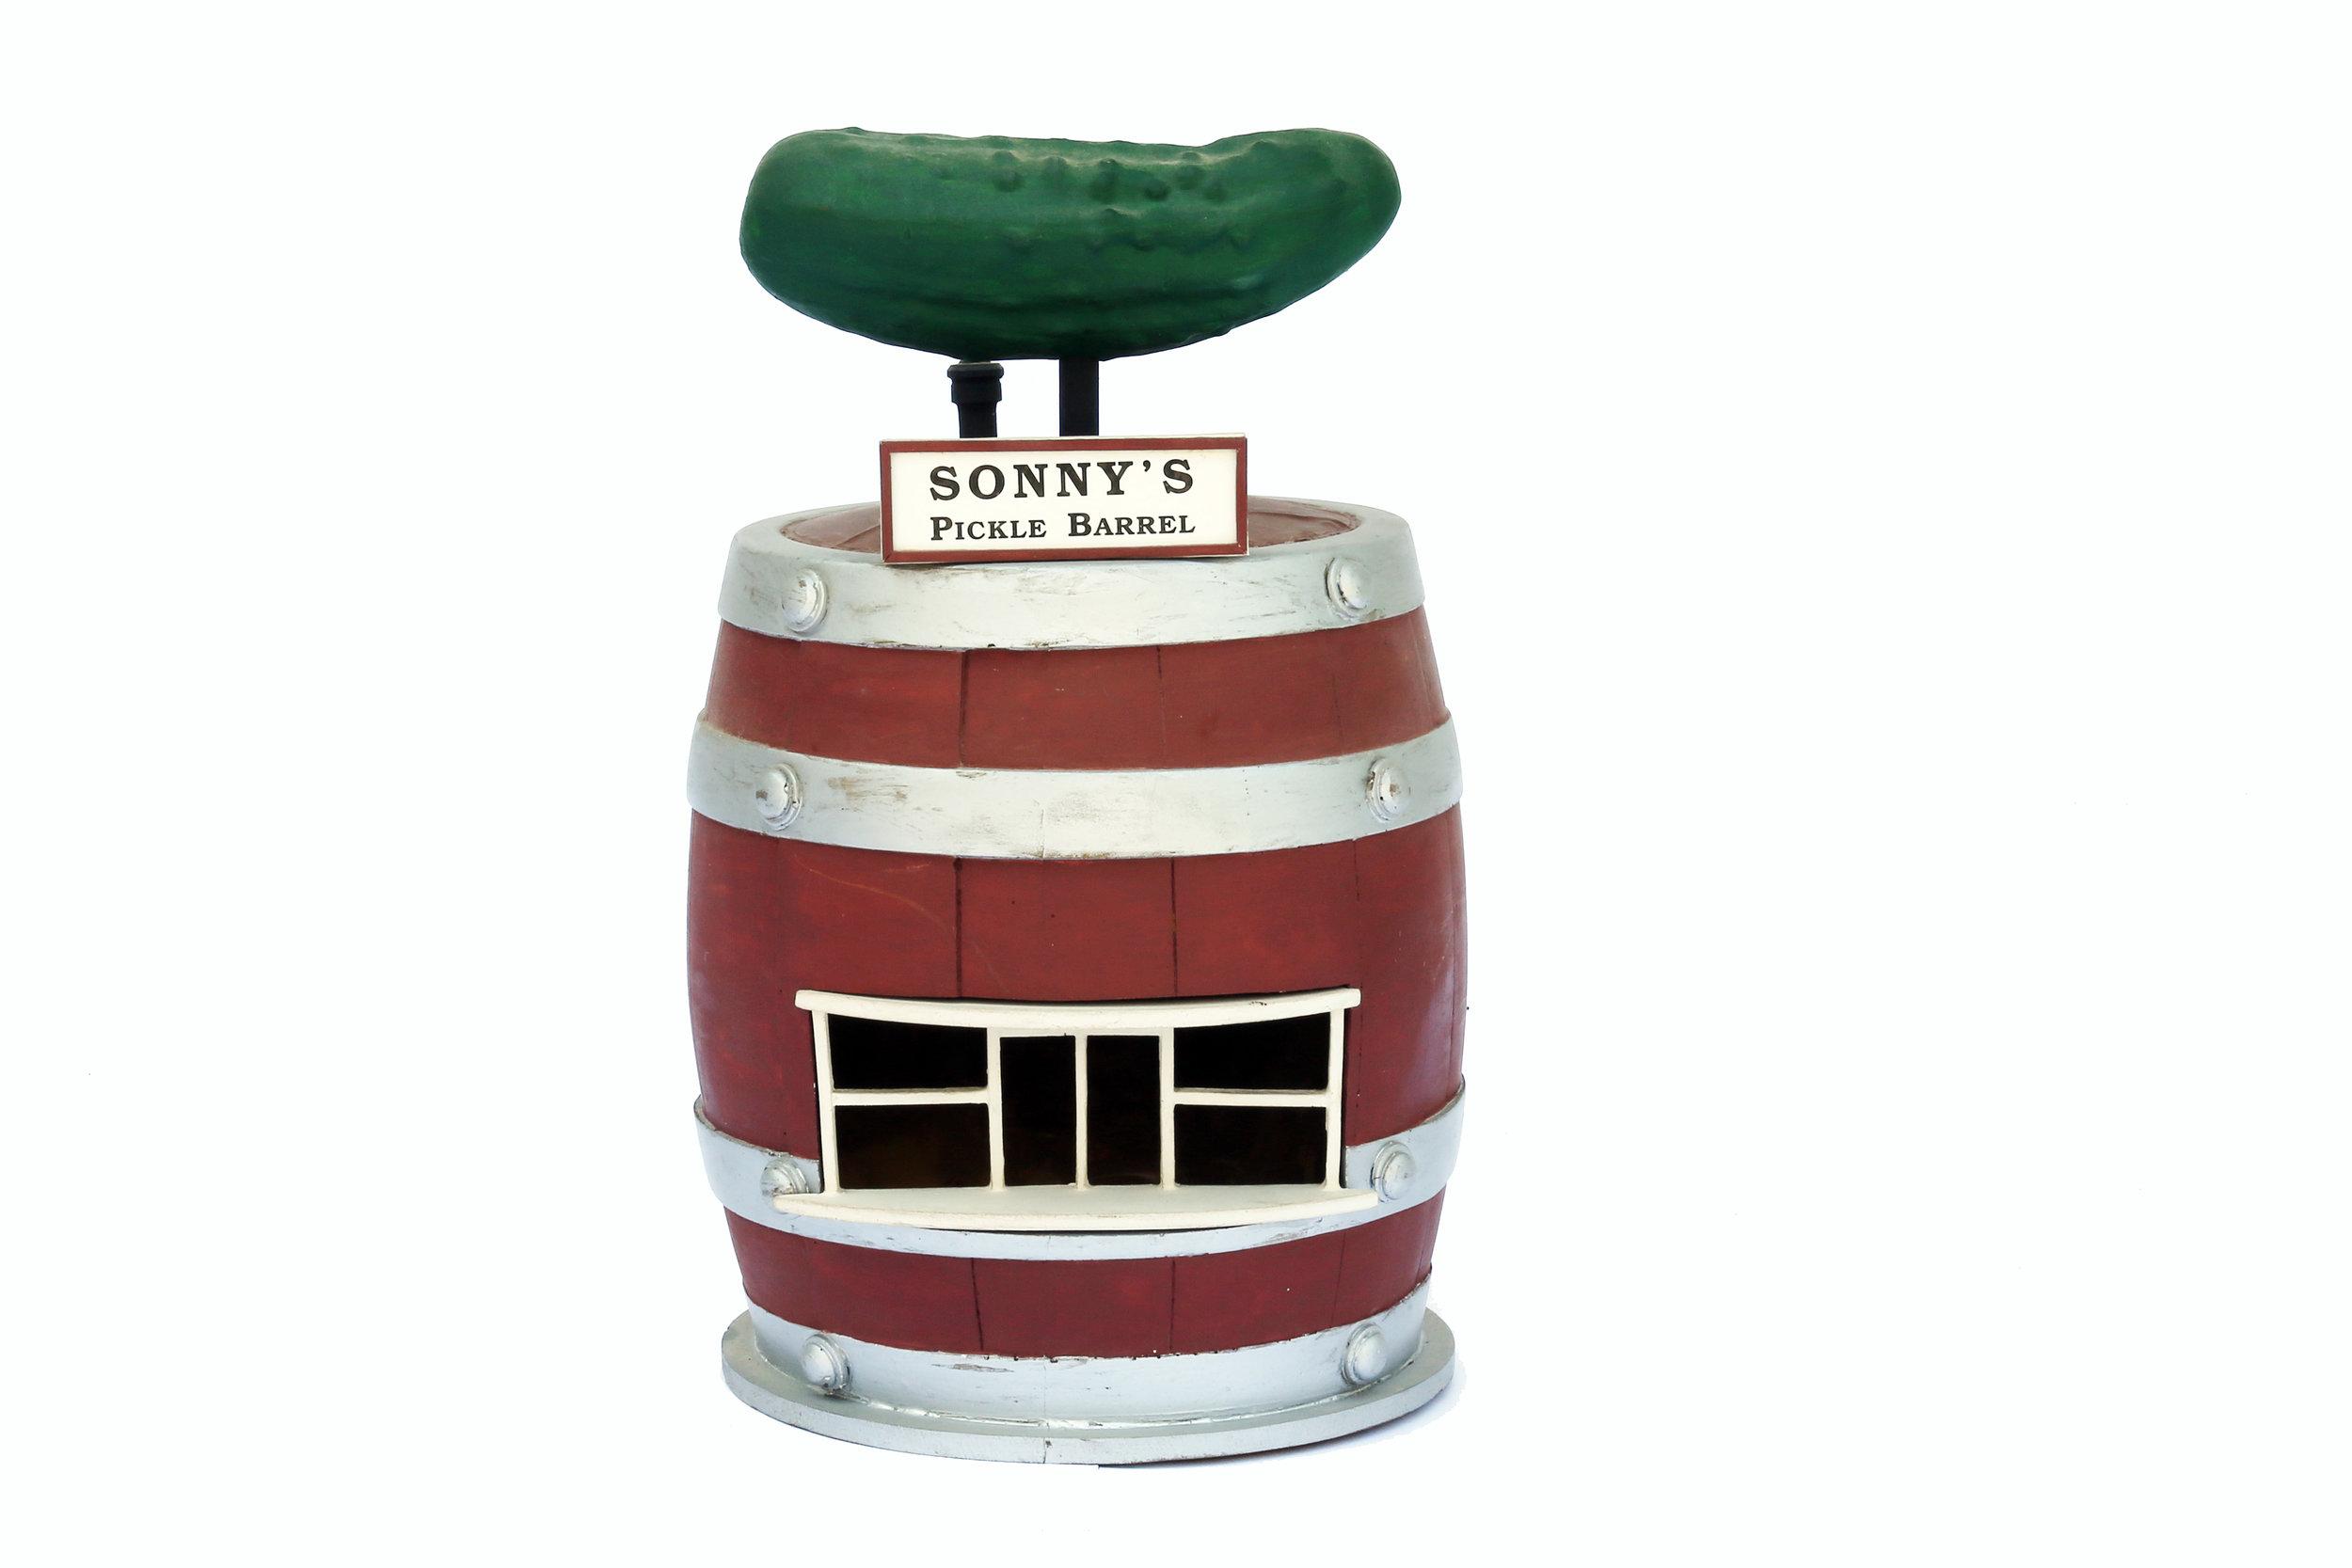 Sonny's Pickel Barrel